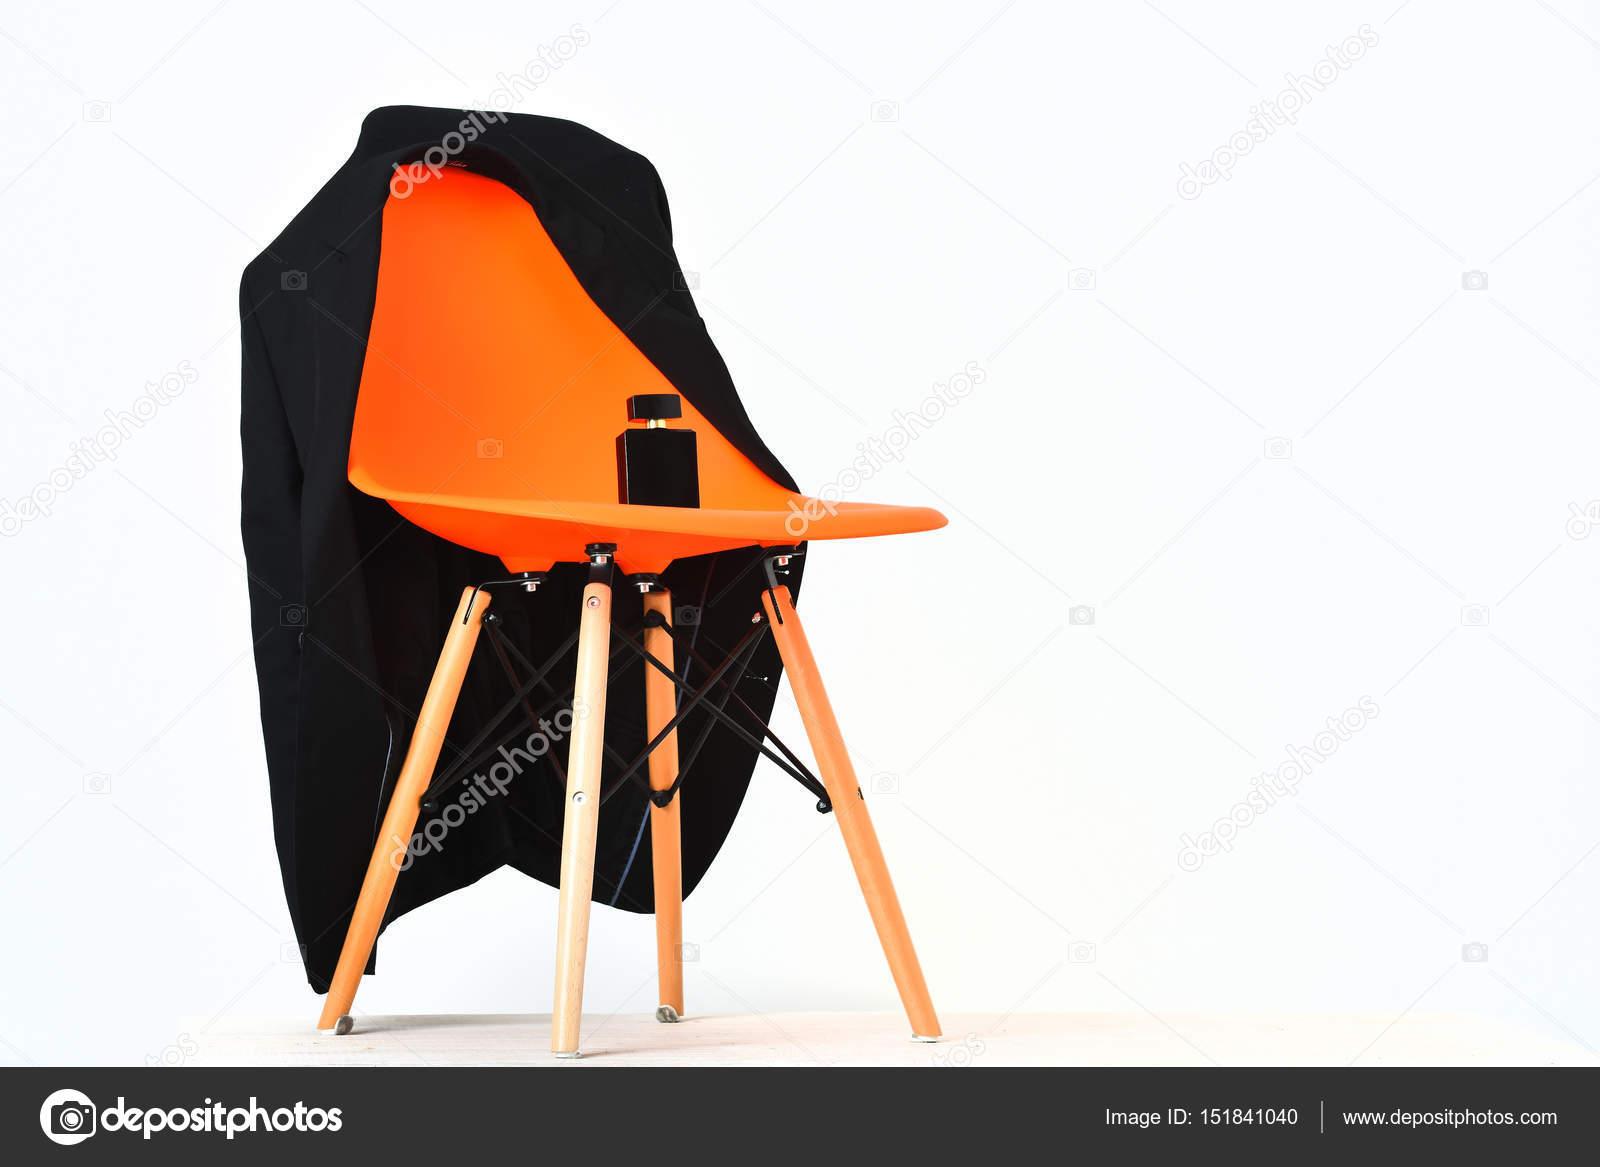 Chaise de bureau en plastique orange avec bouteille noire veste et